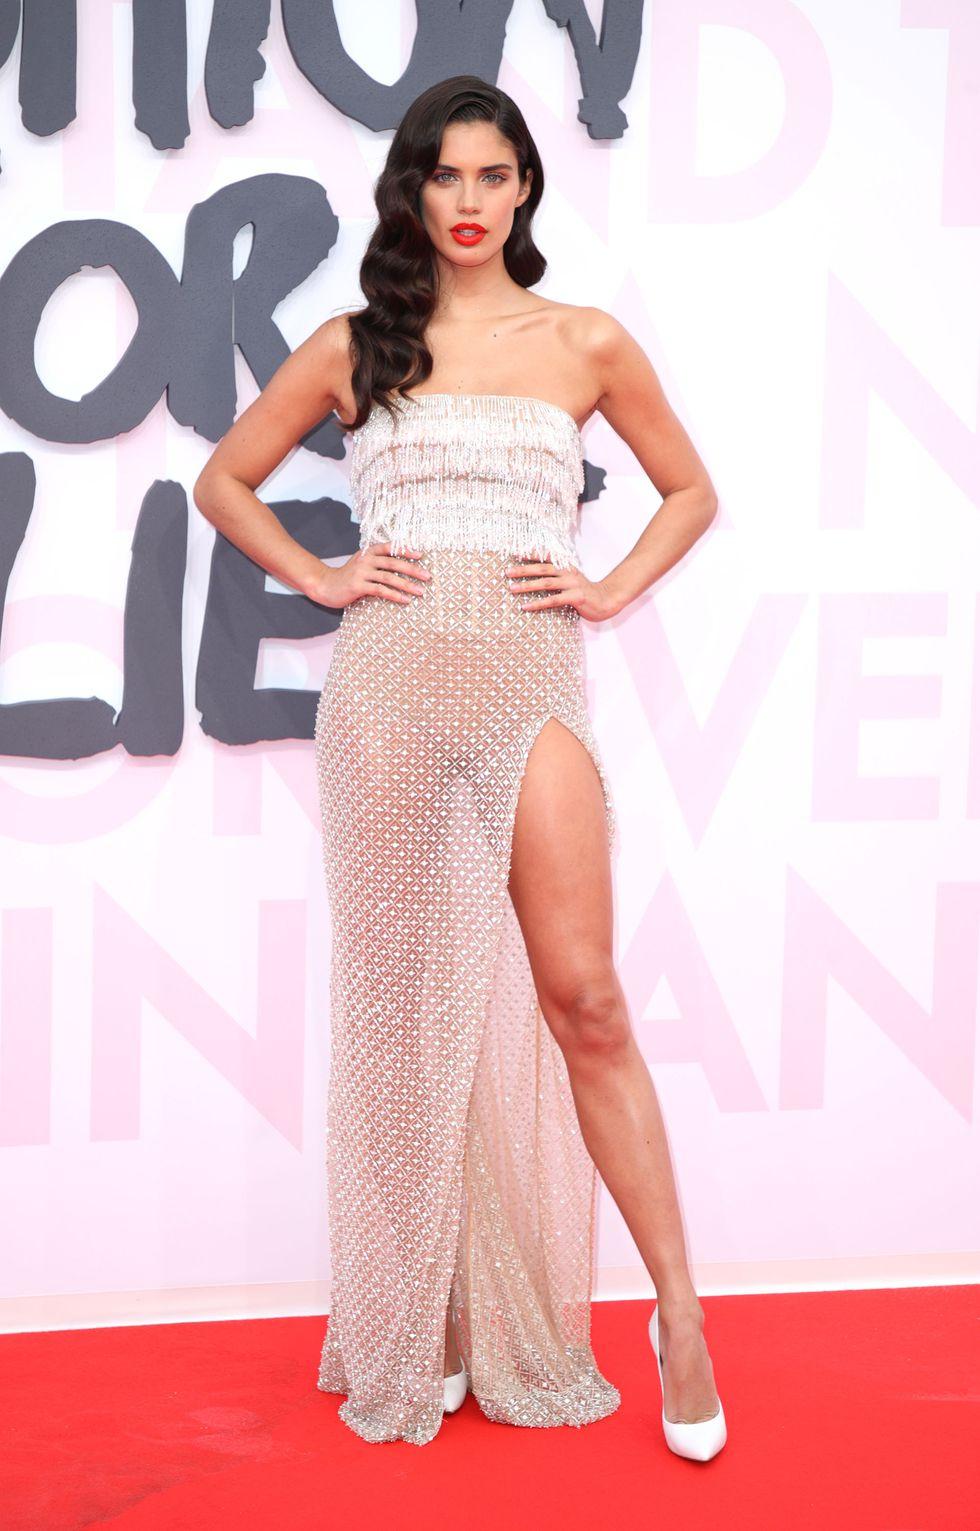 Ангелът на Victoria's secret избра мрежеста рокля без презрамки в кремав цвят за събитието Fashion for Relief .